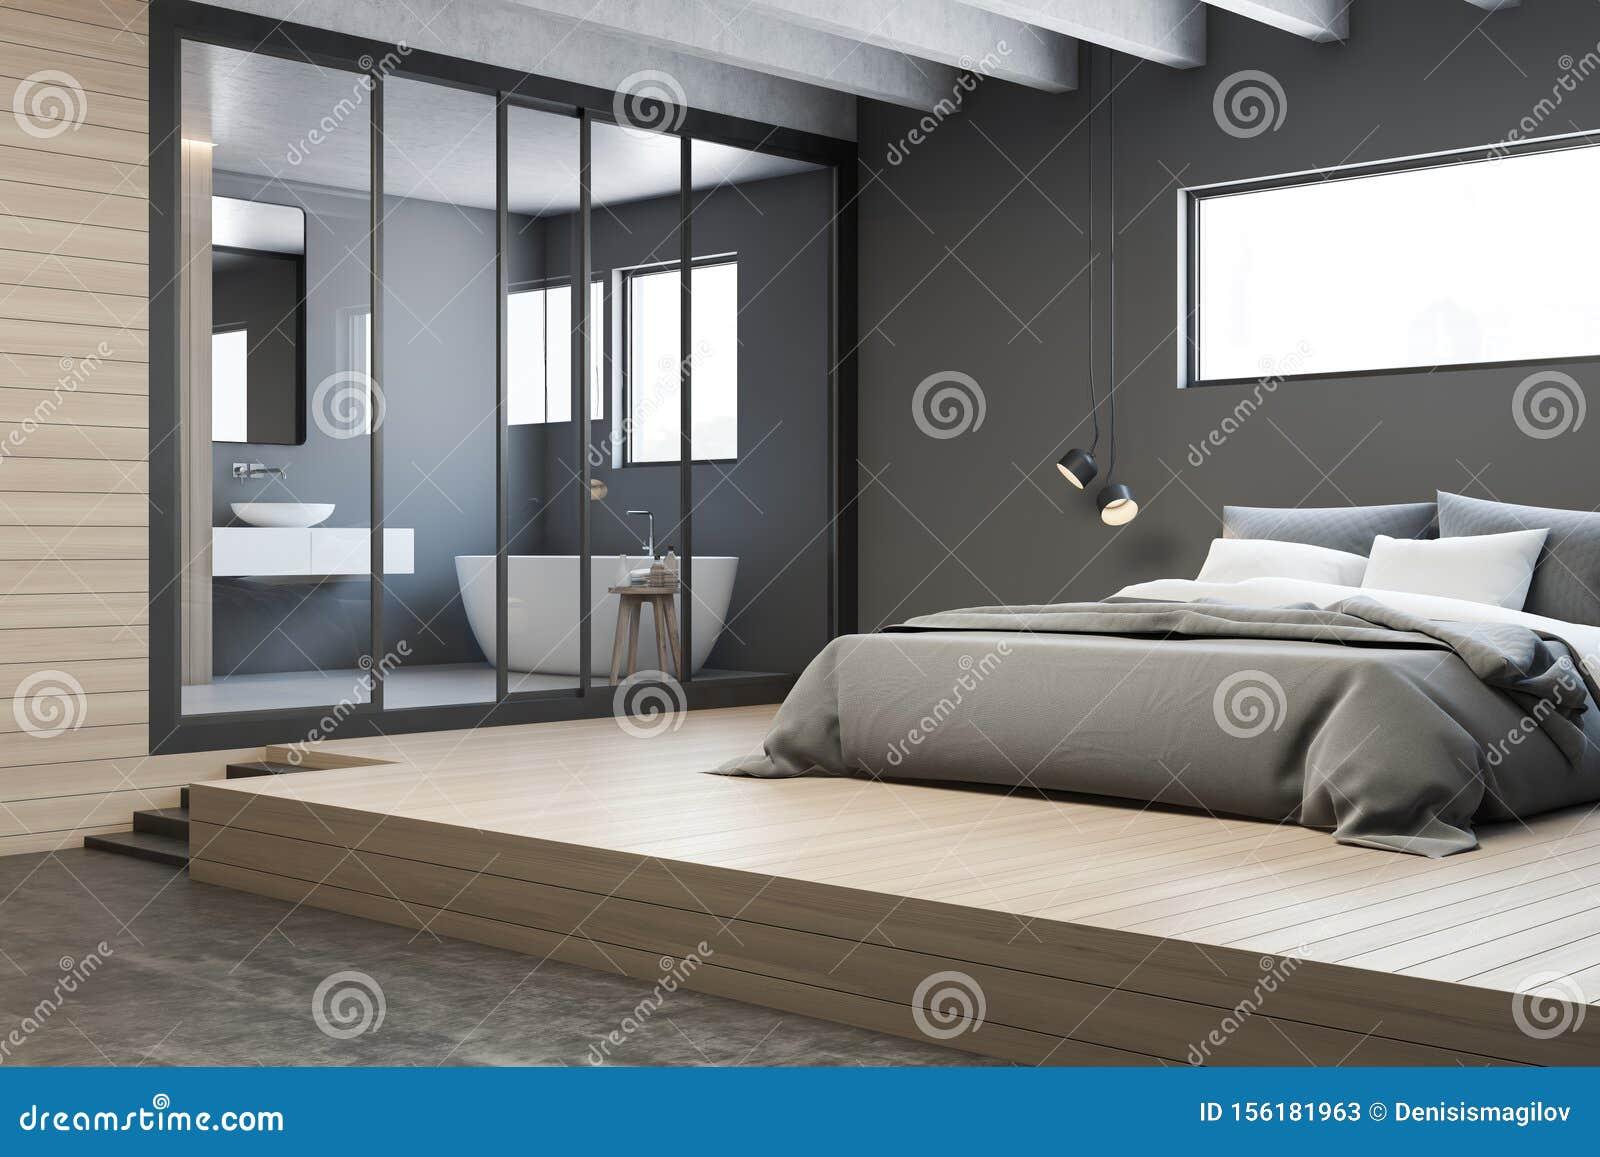 Corner Of Gray Master Bedroom With Bathroom Stock Illustration Illustration Of Furnished Remodel 156181963